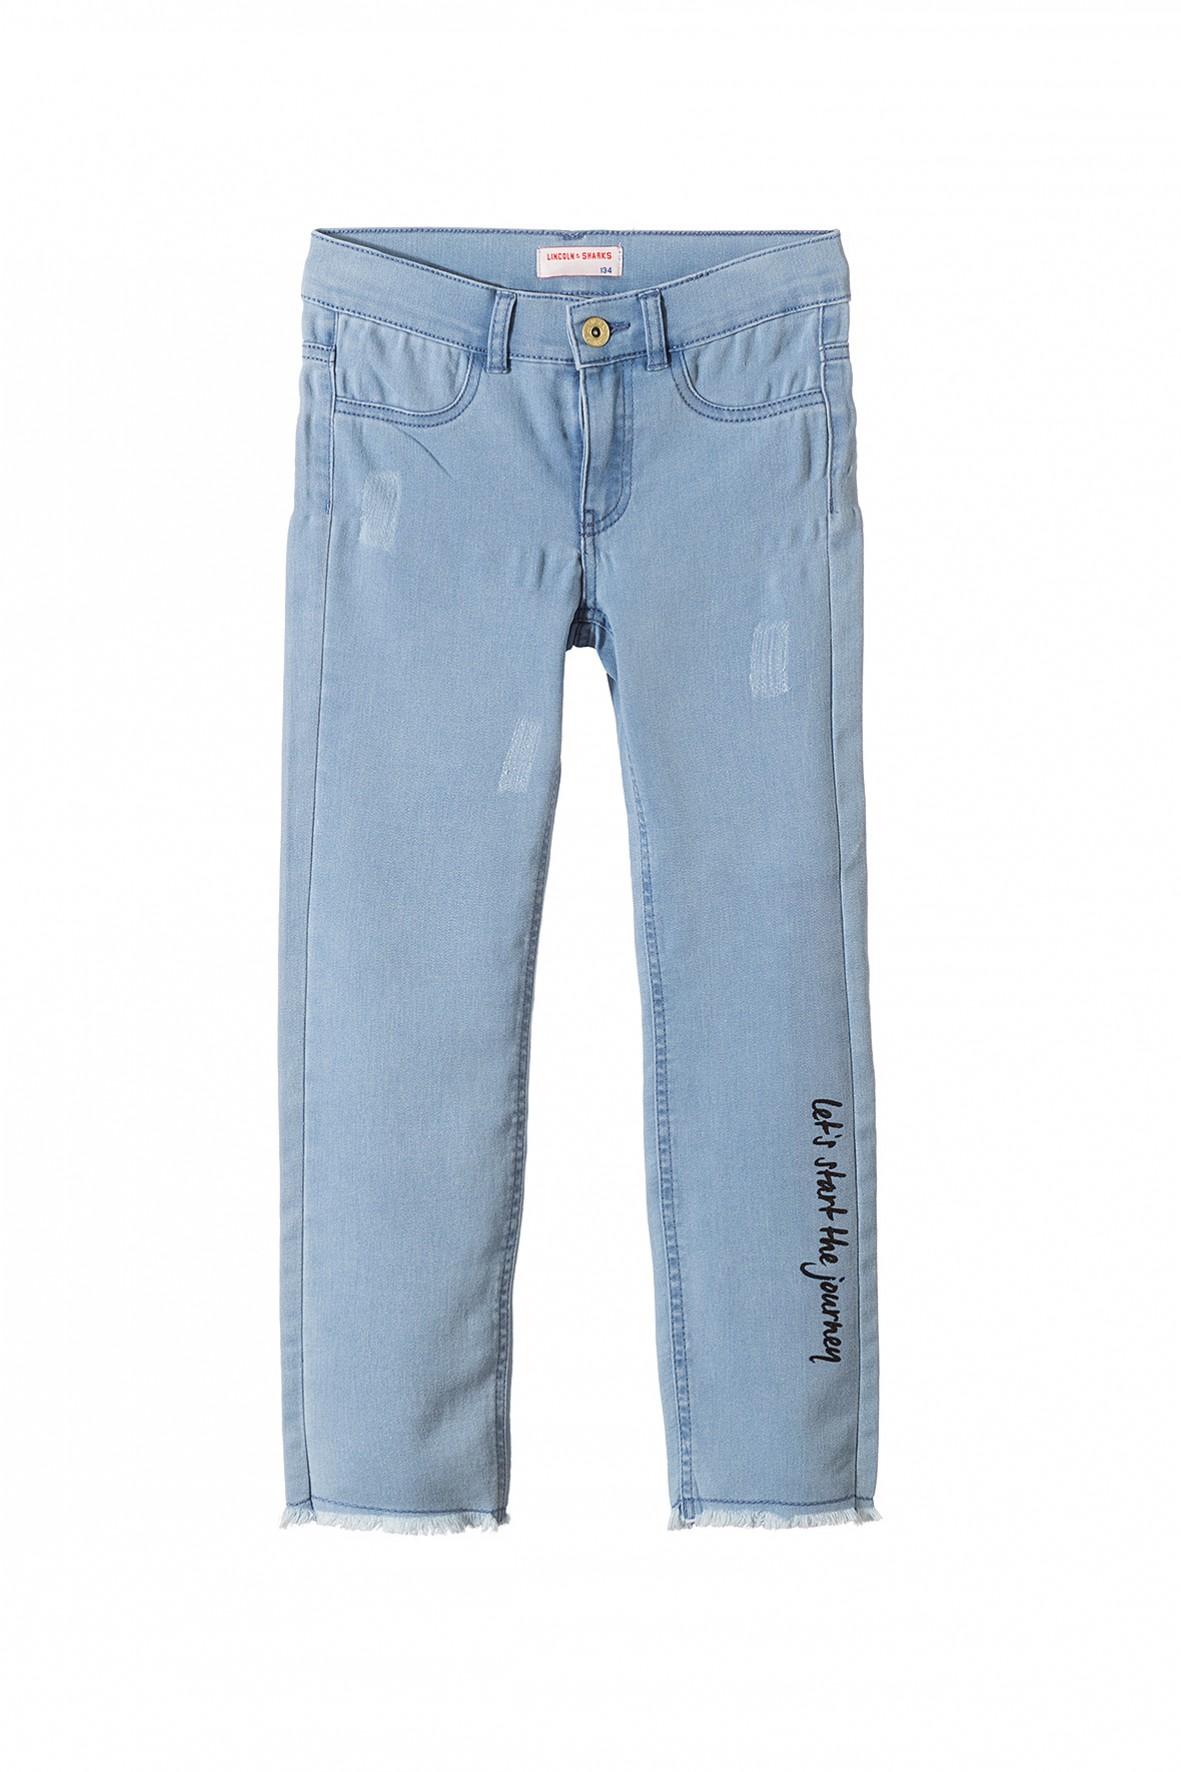 Spodnie Jegginsy